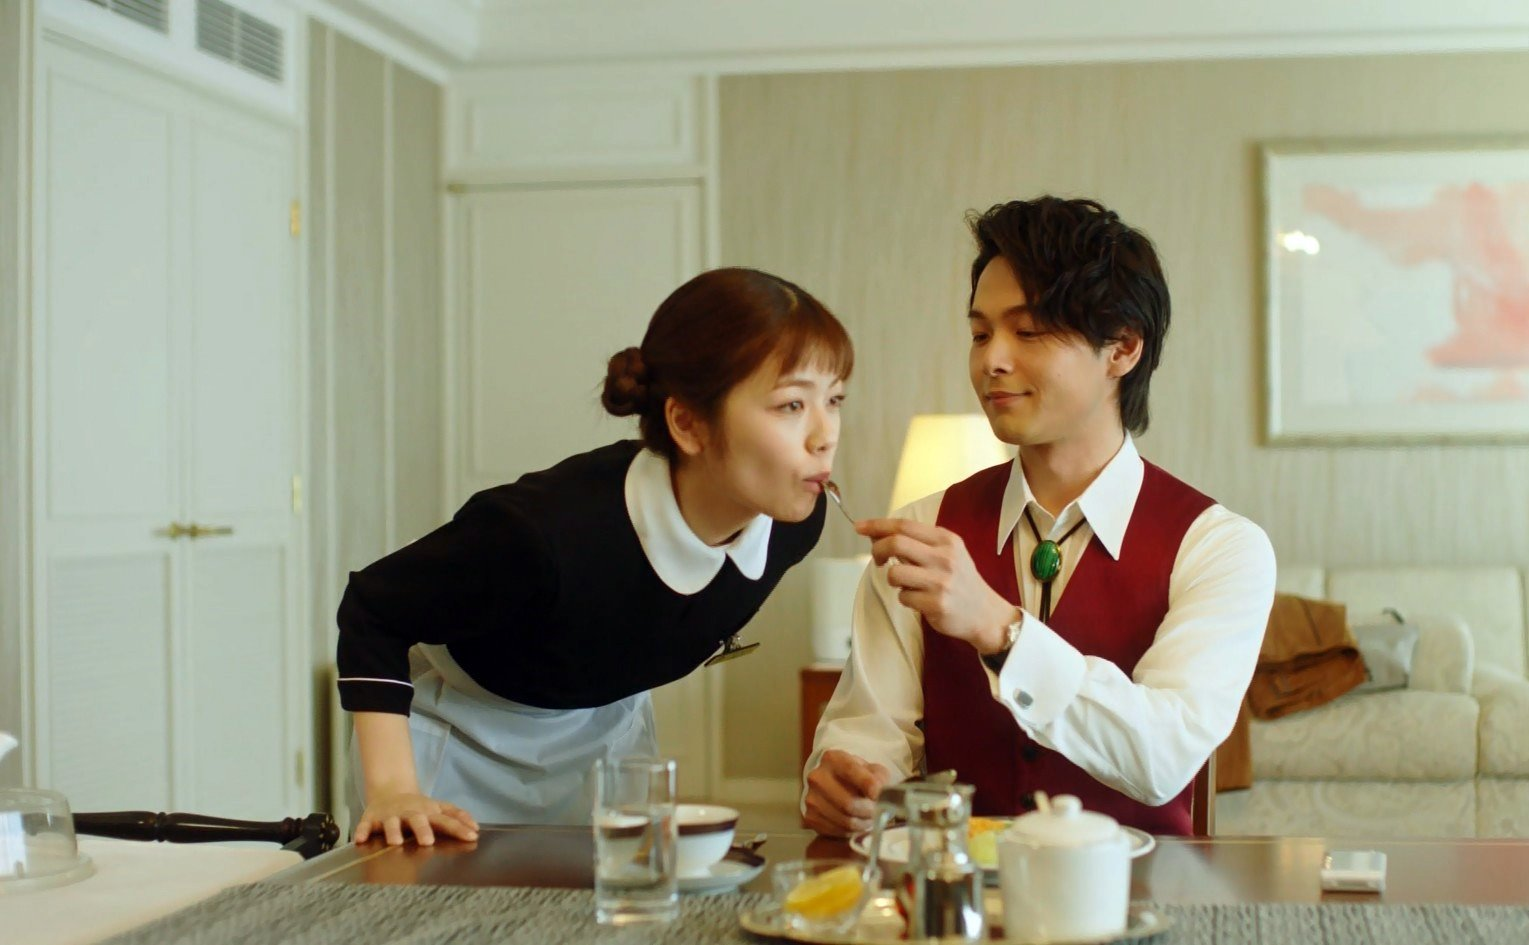 小芝風花の食事顔 (3)